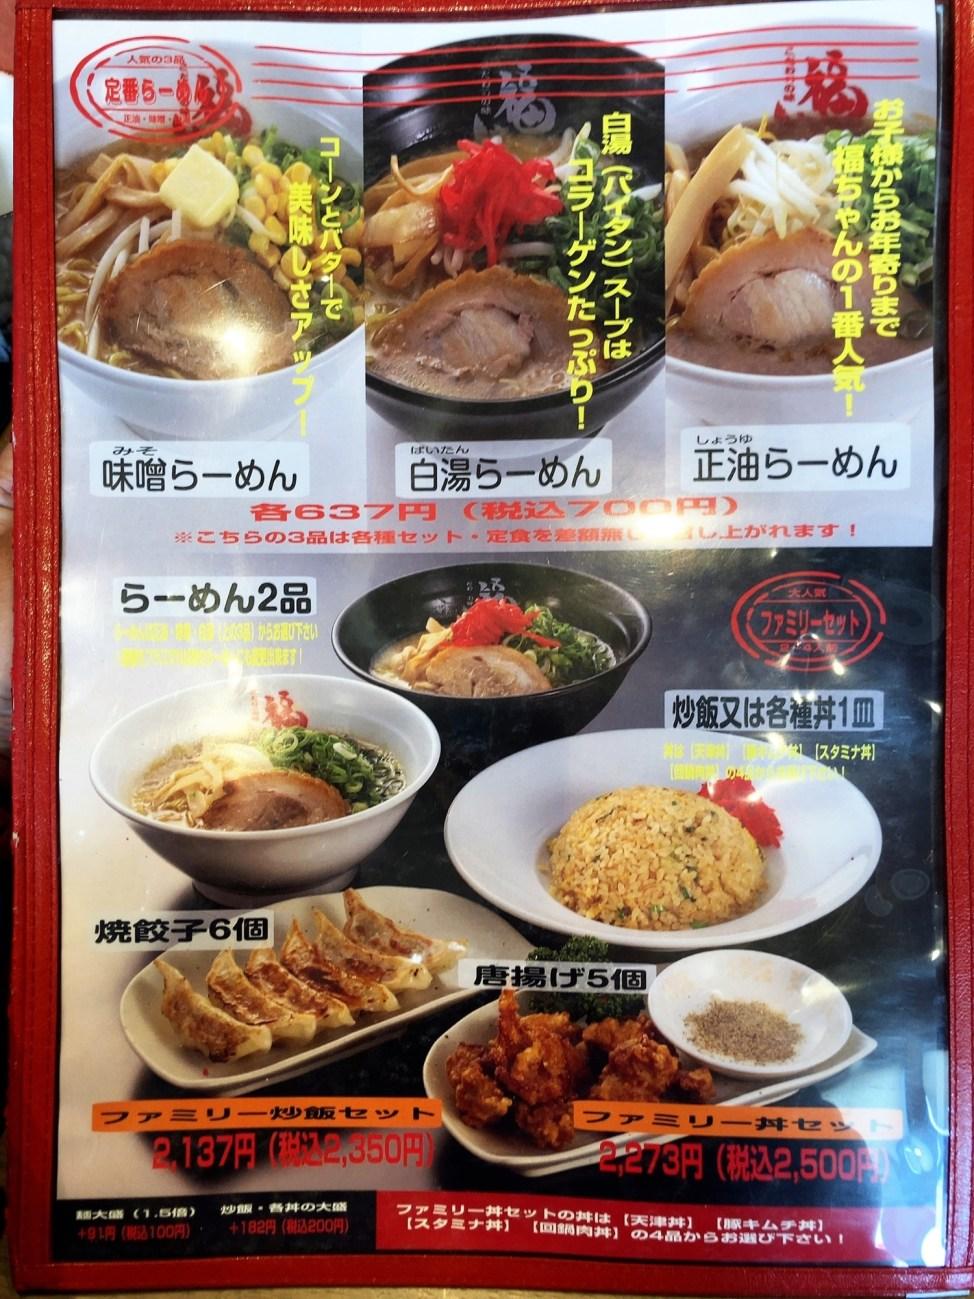 福ちゃん 舞阪店のメニュー5